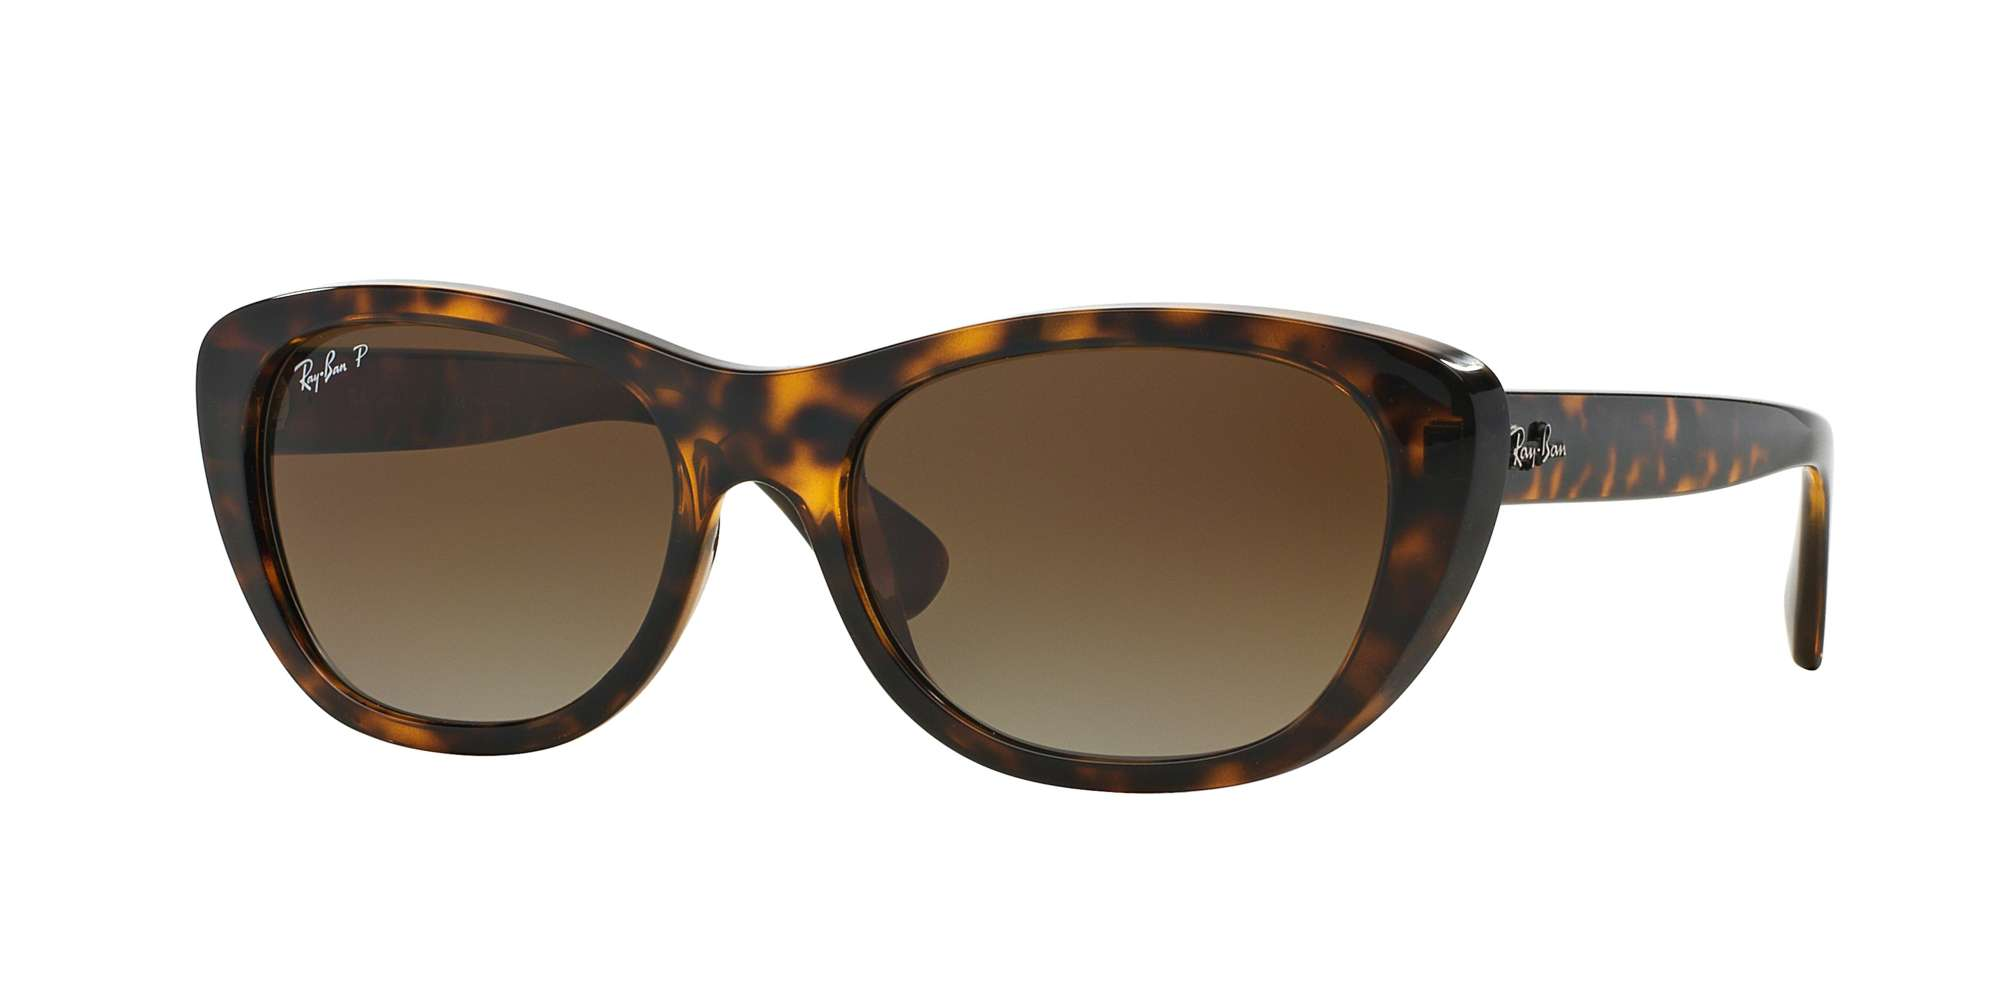 LIGHT HAVANA / BROWN GRADIENT POLAR lenses